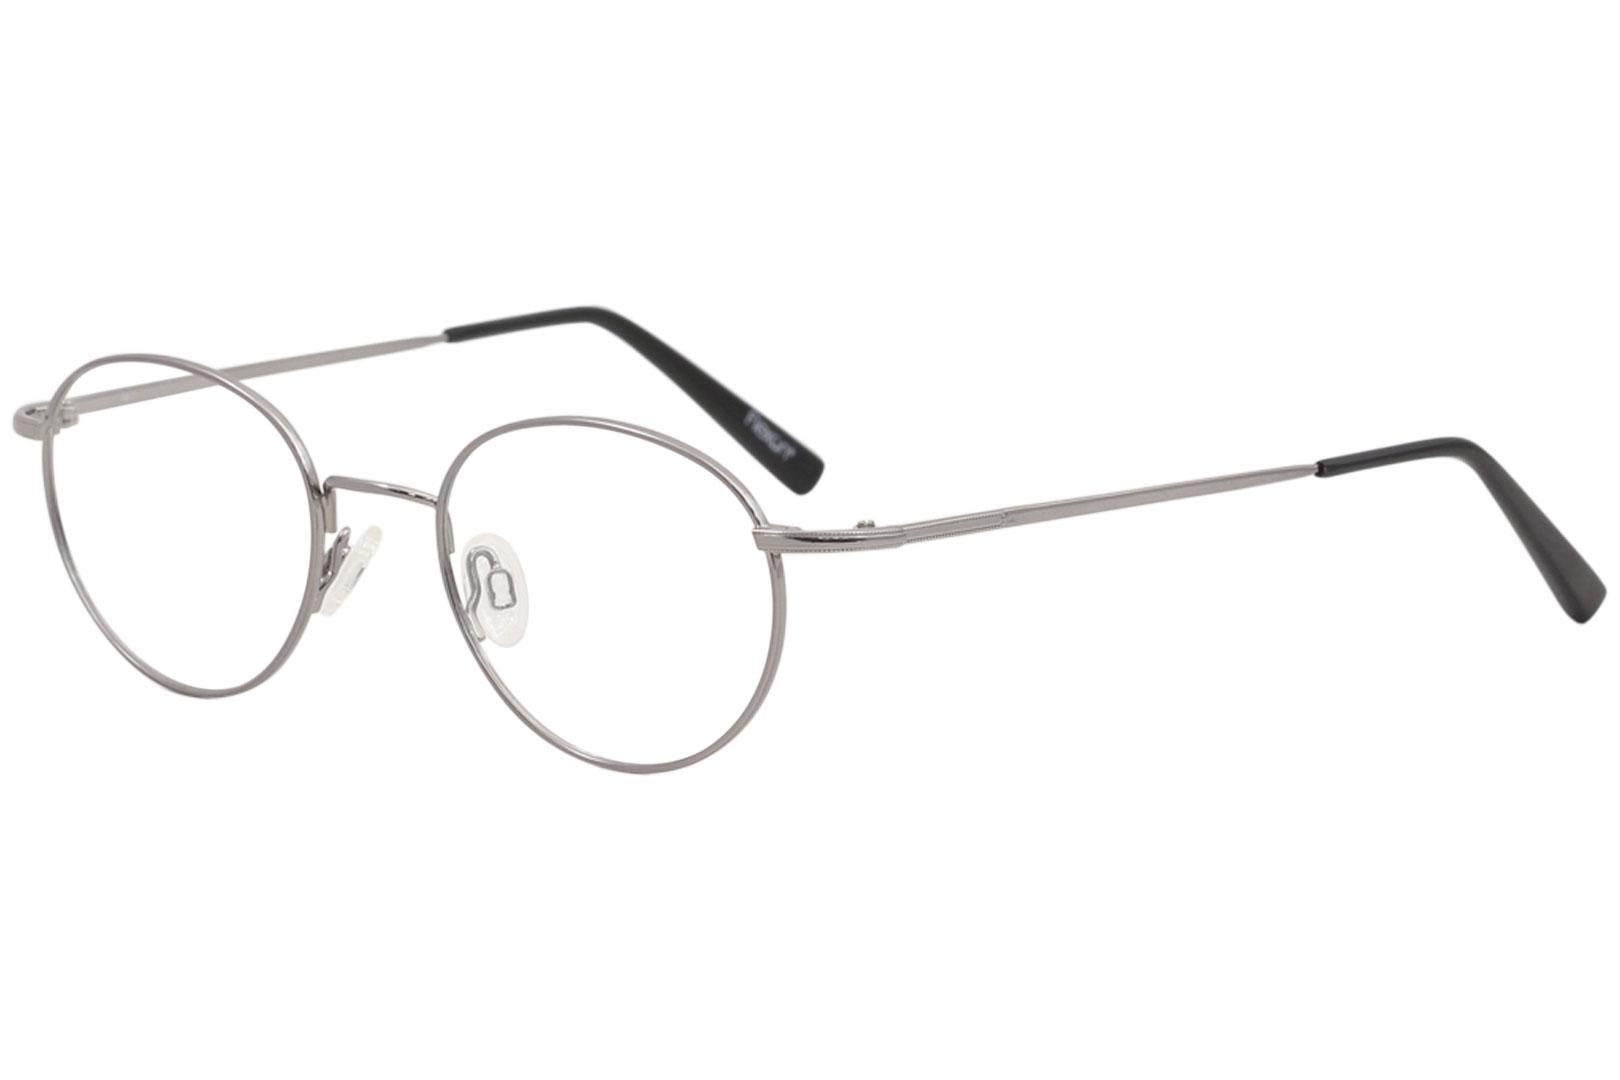 677a7e00932 Flexon Men s Eyeglasses Edison 600 003 Gunmetal Full Rim Optical ...